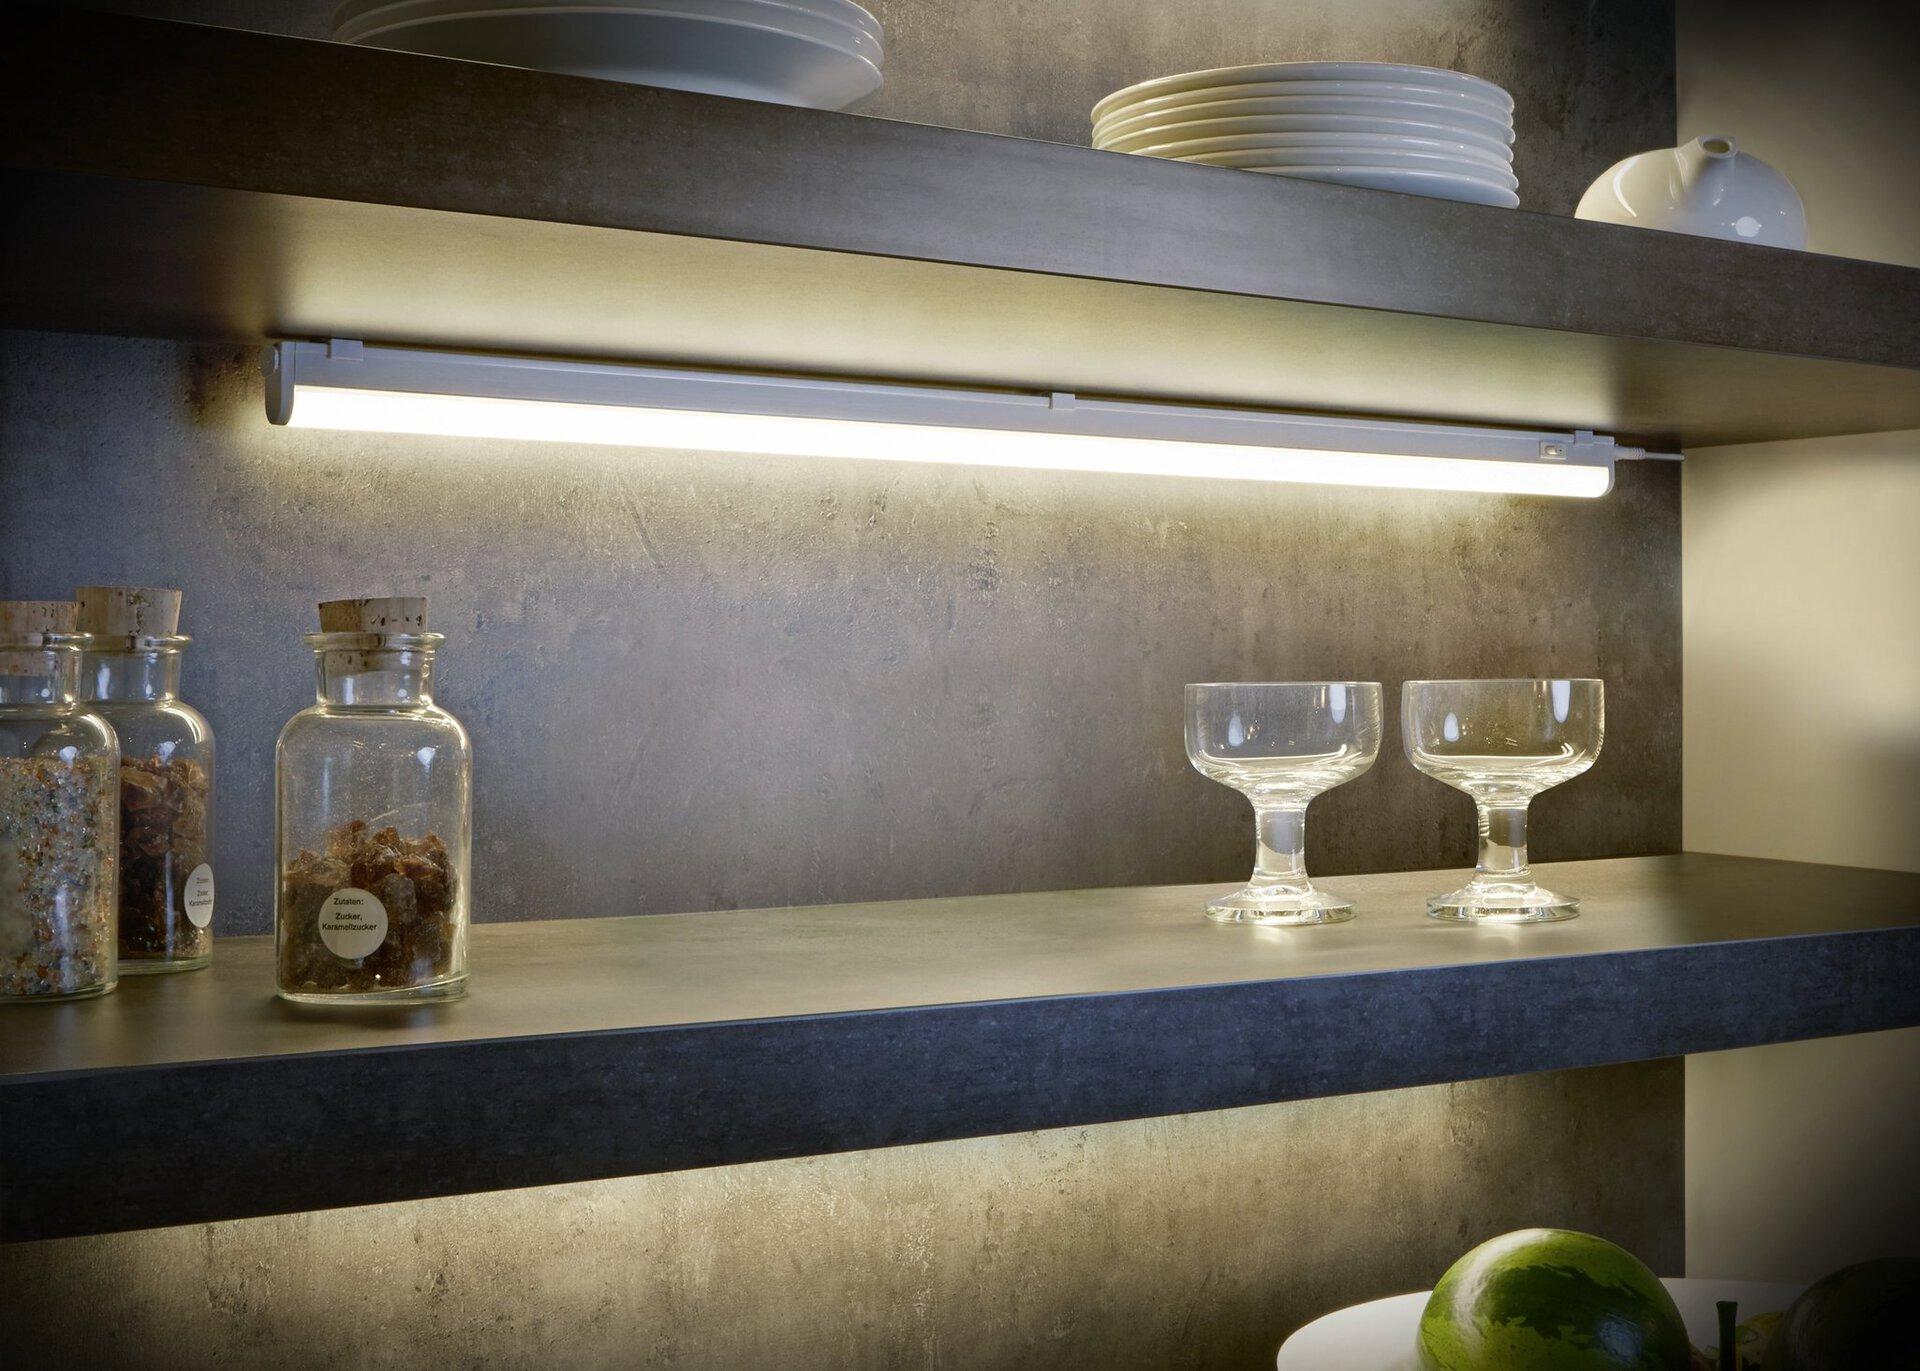 Unterbauleuchte Ramon Trio Leuchten Kunststoff grau 3 x 4 x 84 cm